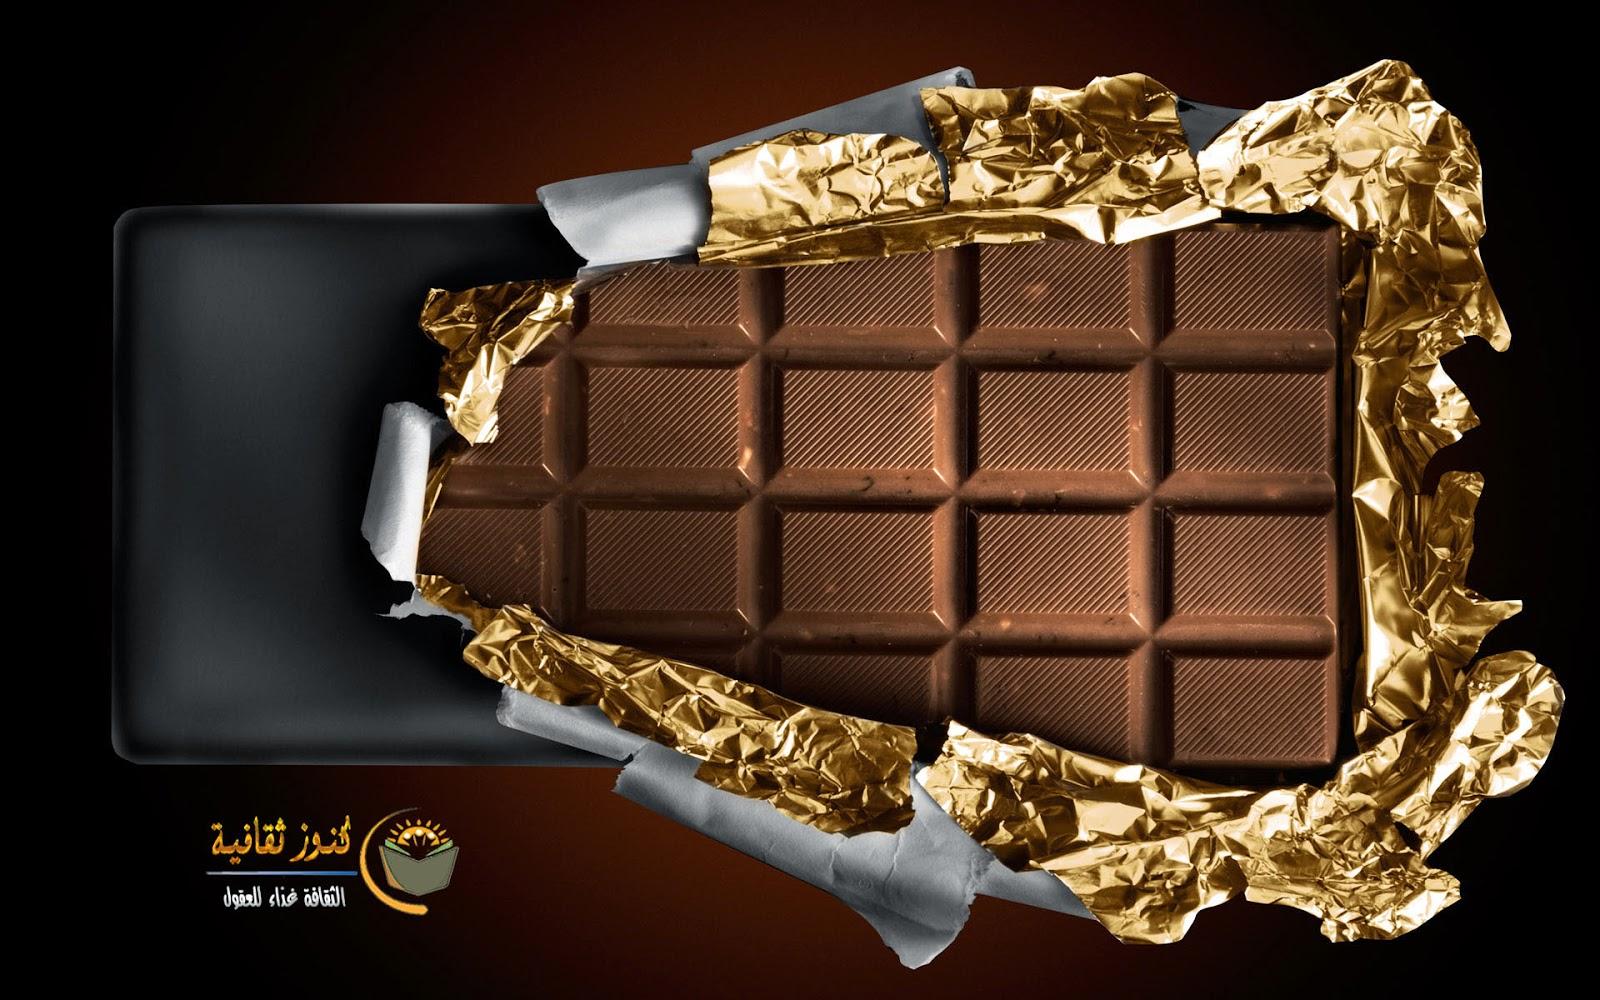 الاستفادة الصحية الرئيسية من الشوكولاته الداكنة